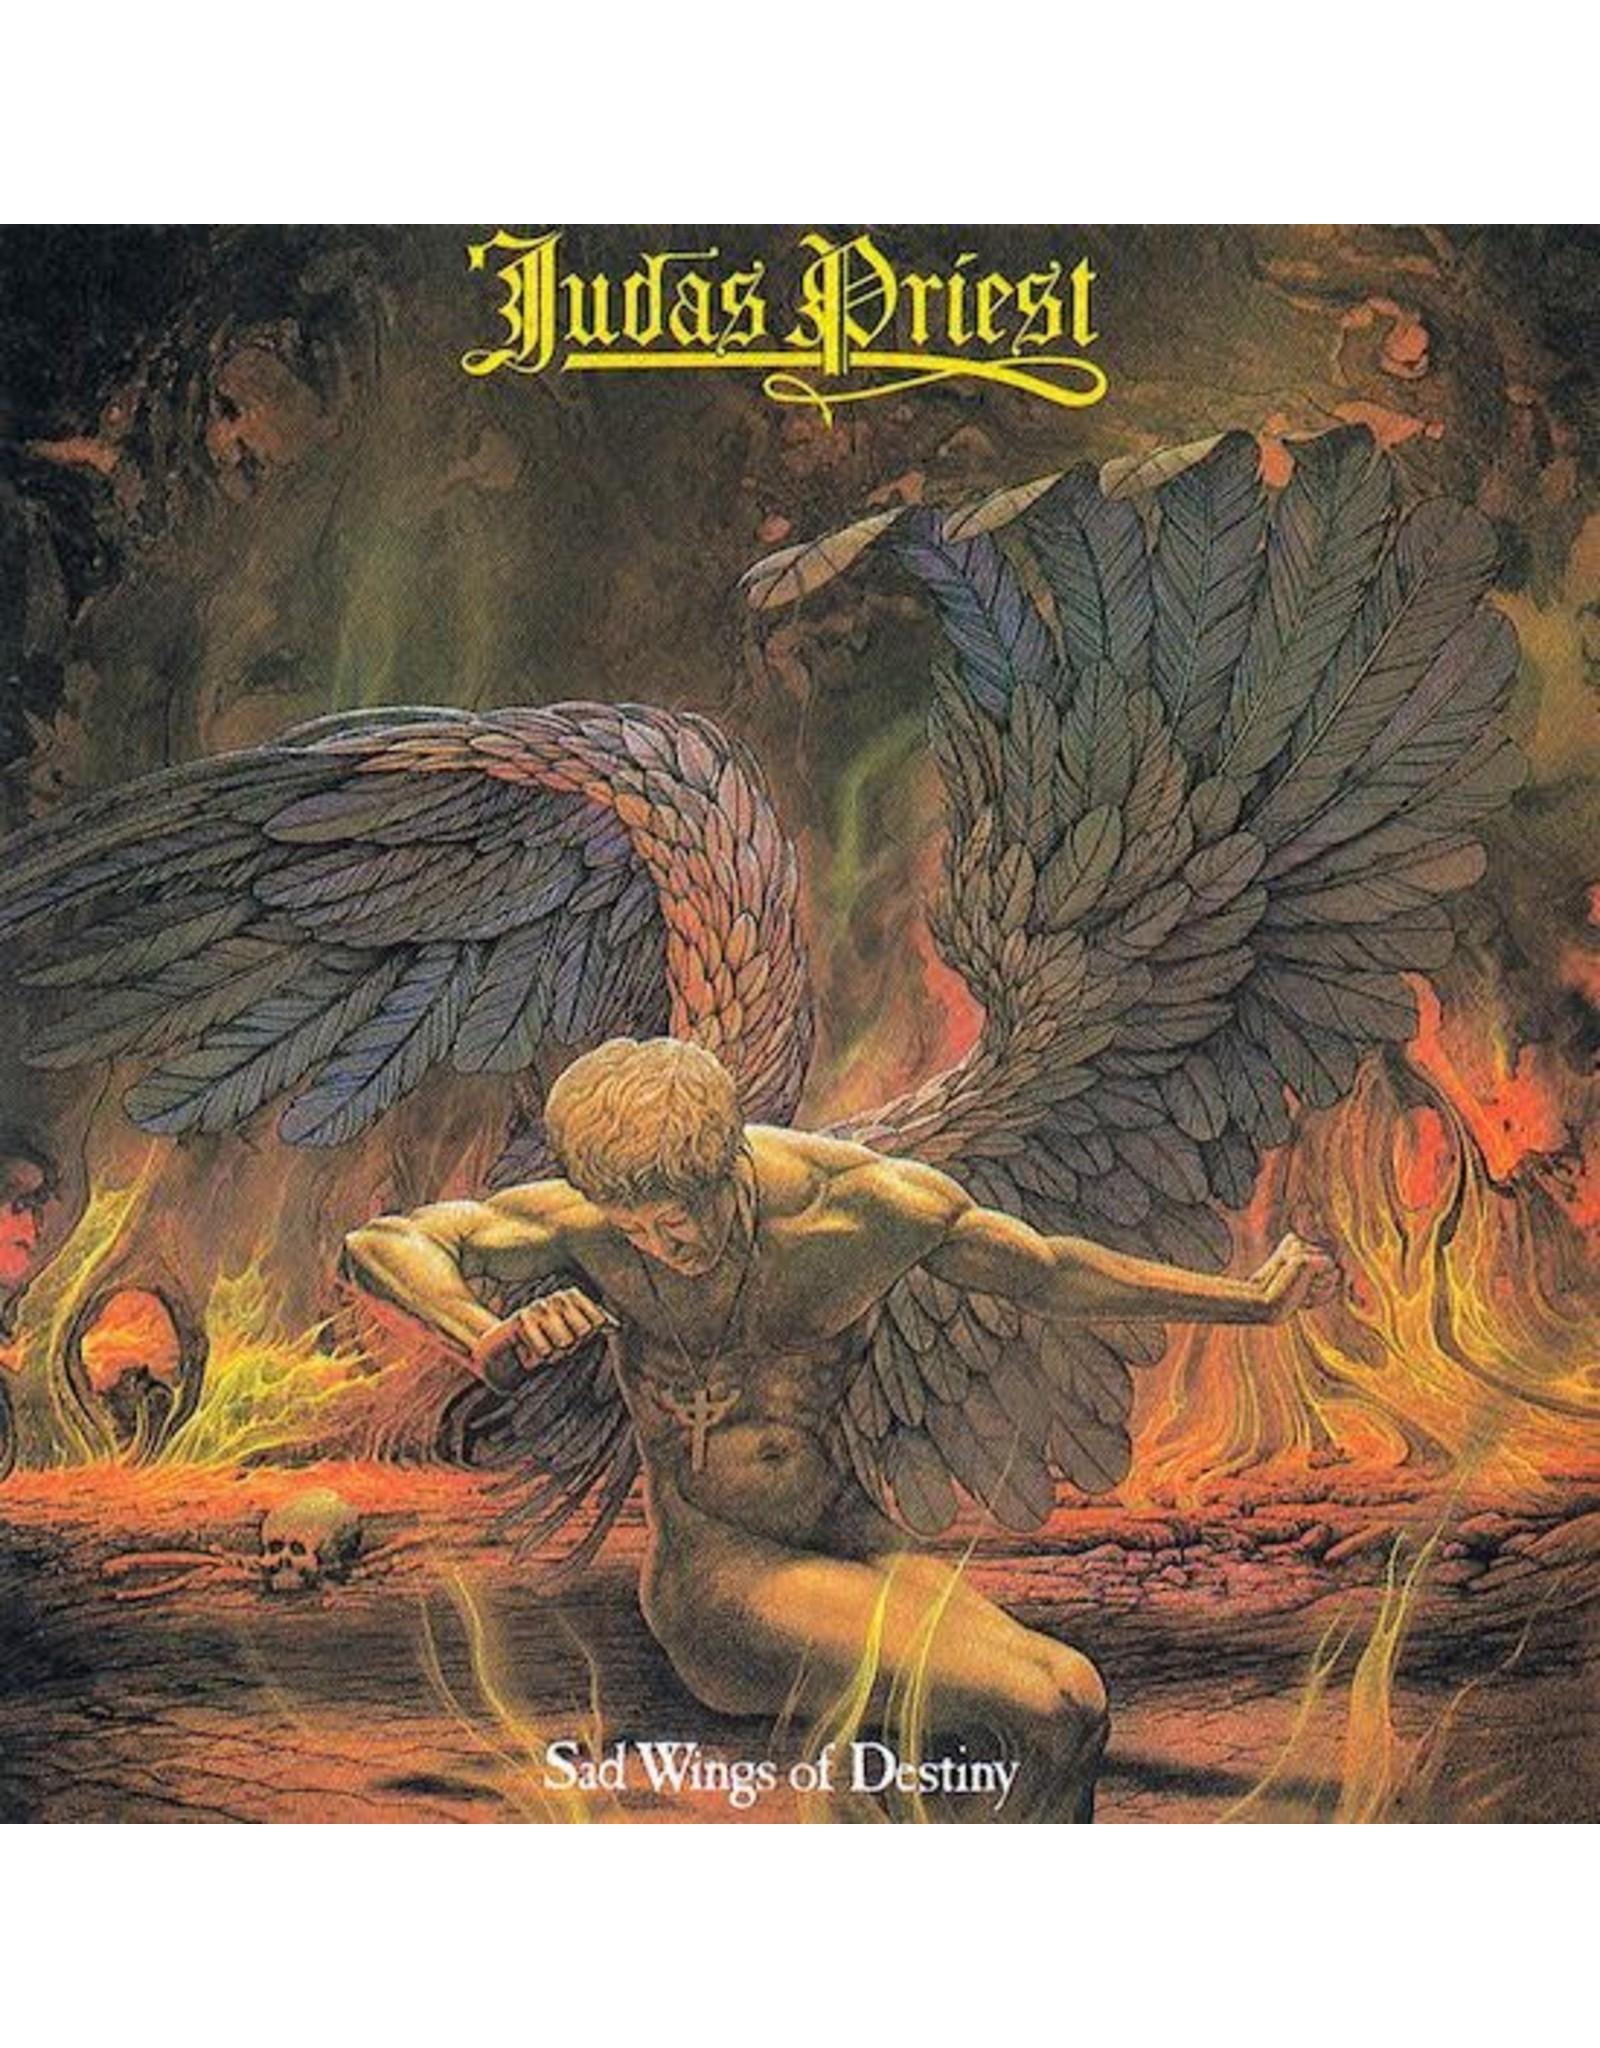 Judas Priest - Sad Wings Of Destiny  LP(45 RPM)